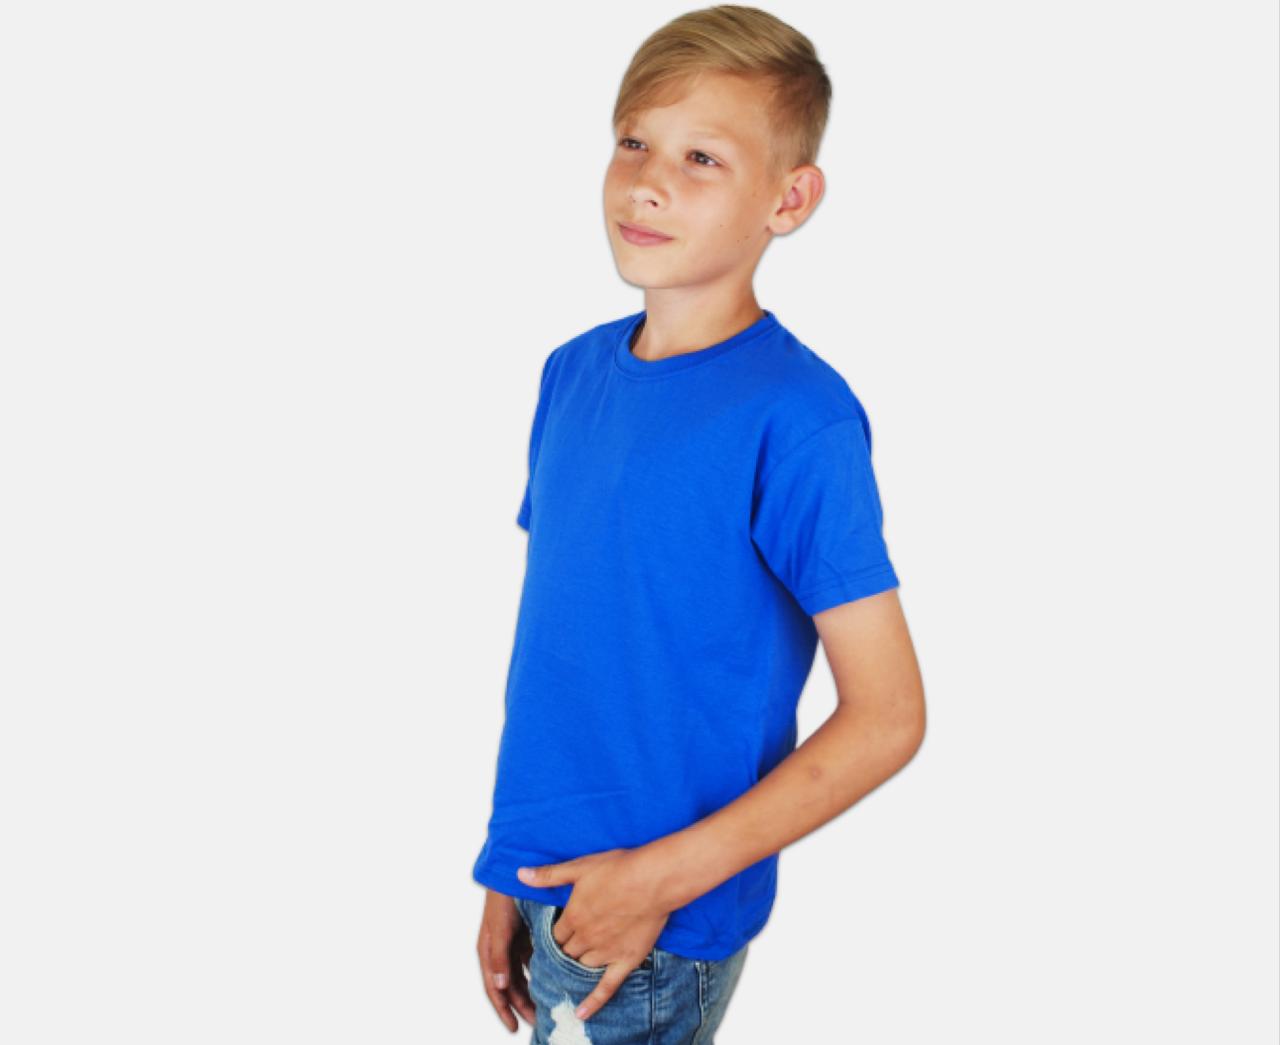 Детская Классическая Футболка для Мальчиков Ярко-синяя Fruit of the loom 61-033-51 1-2